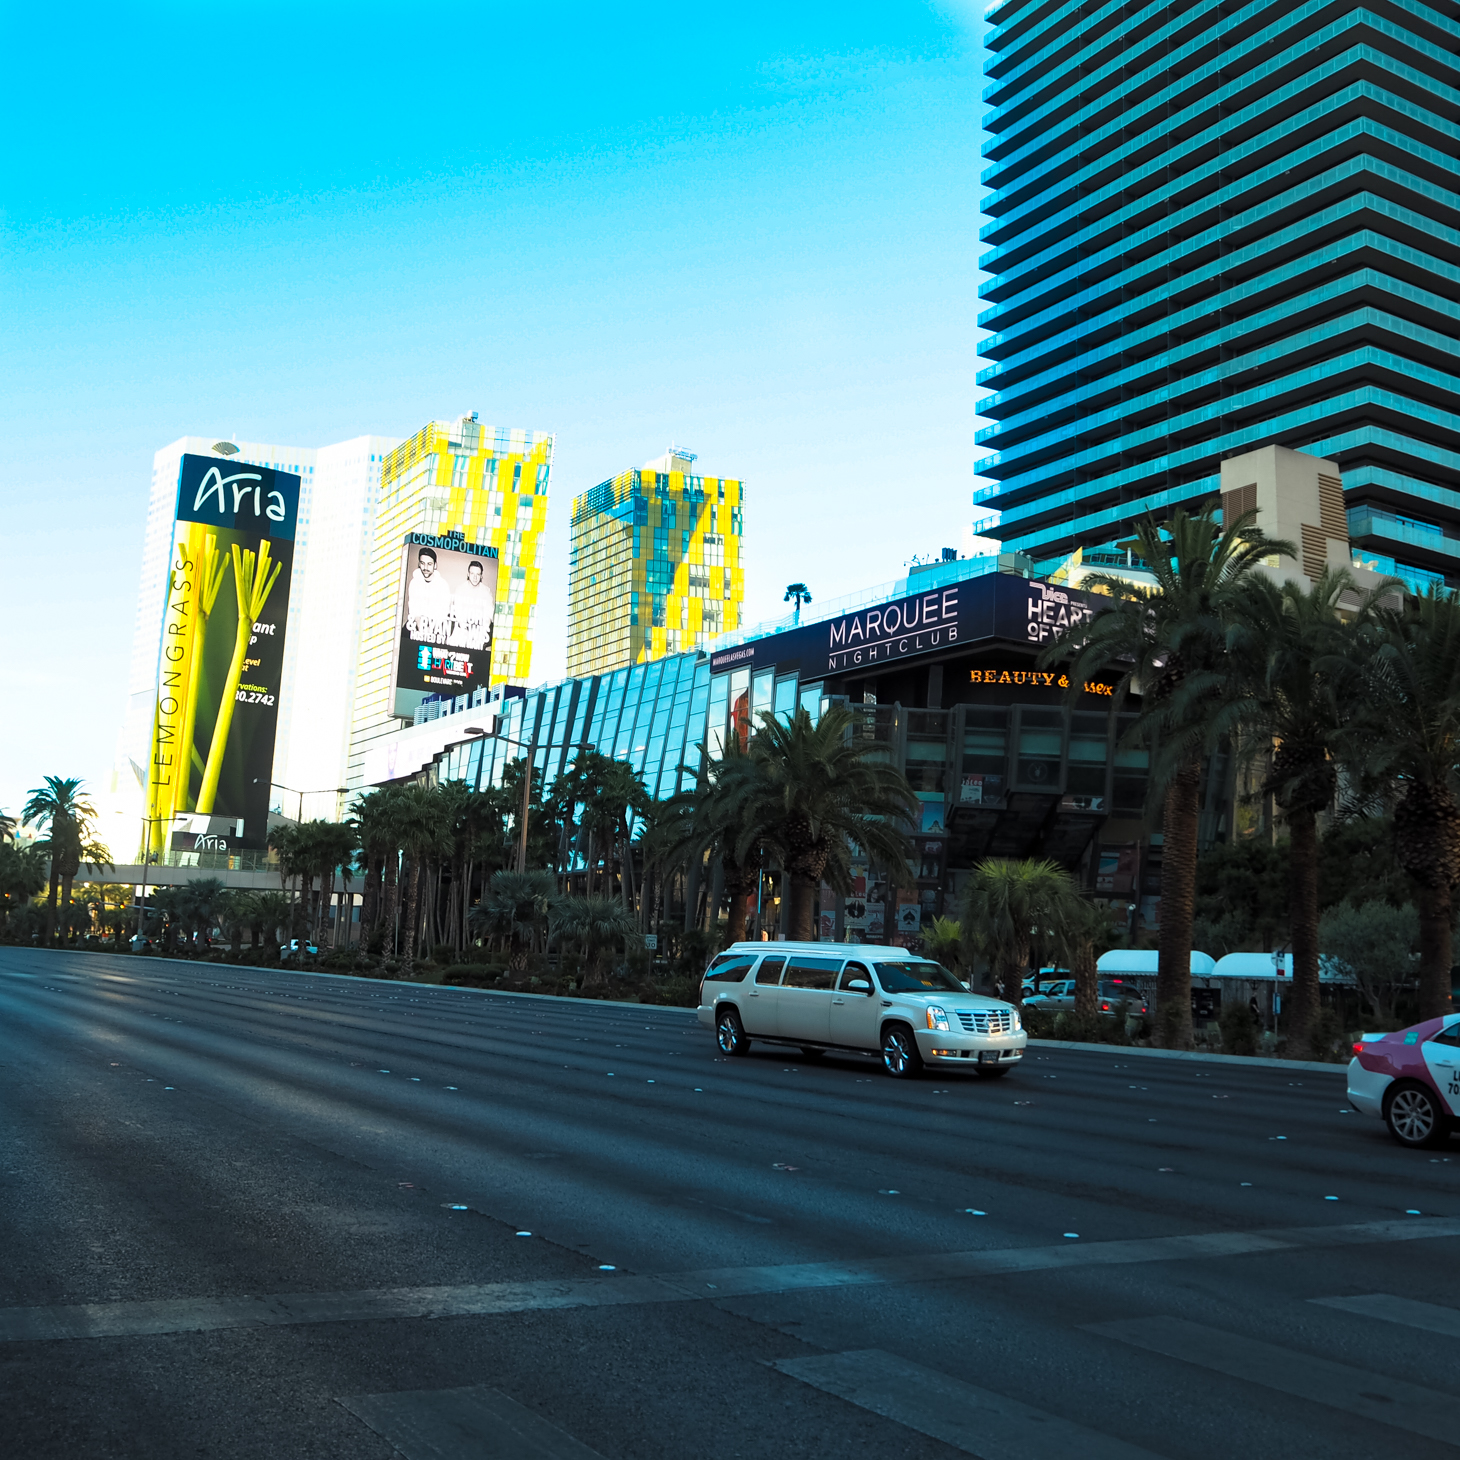 Las Vegas photo diary